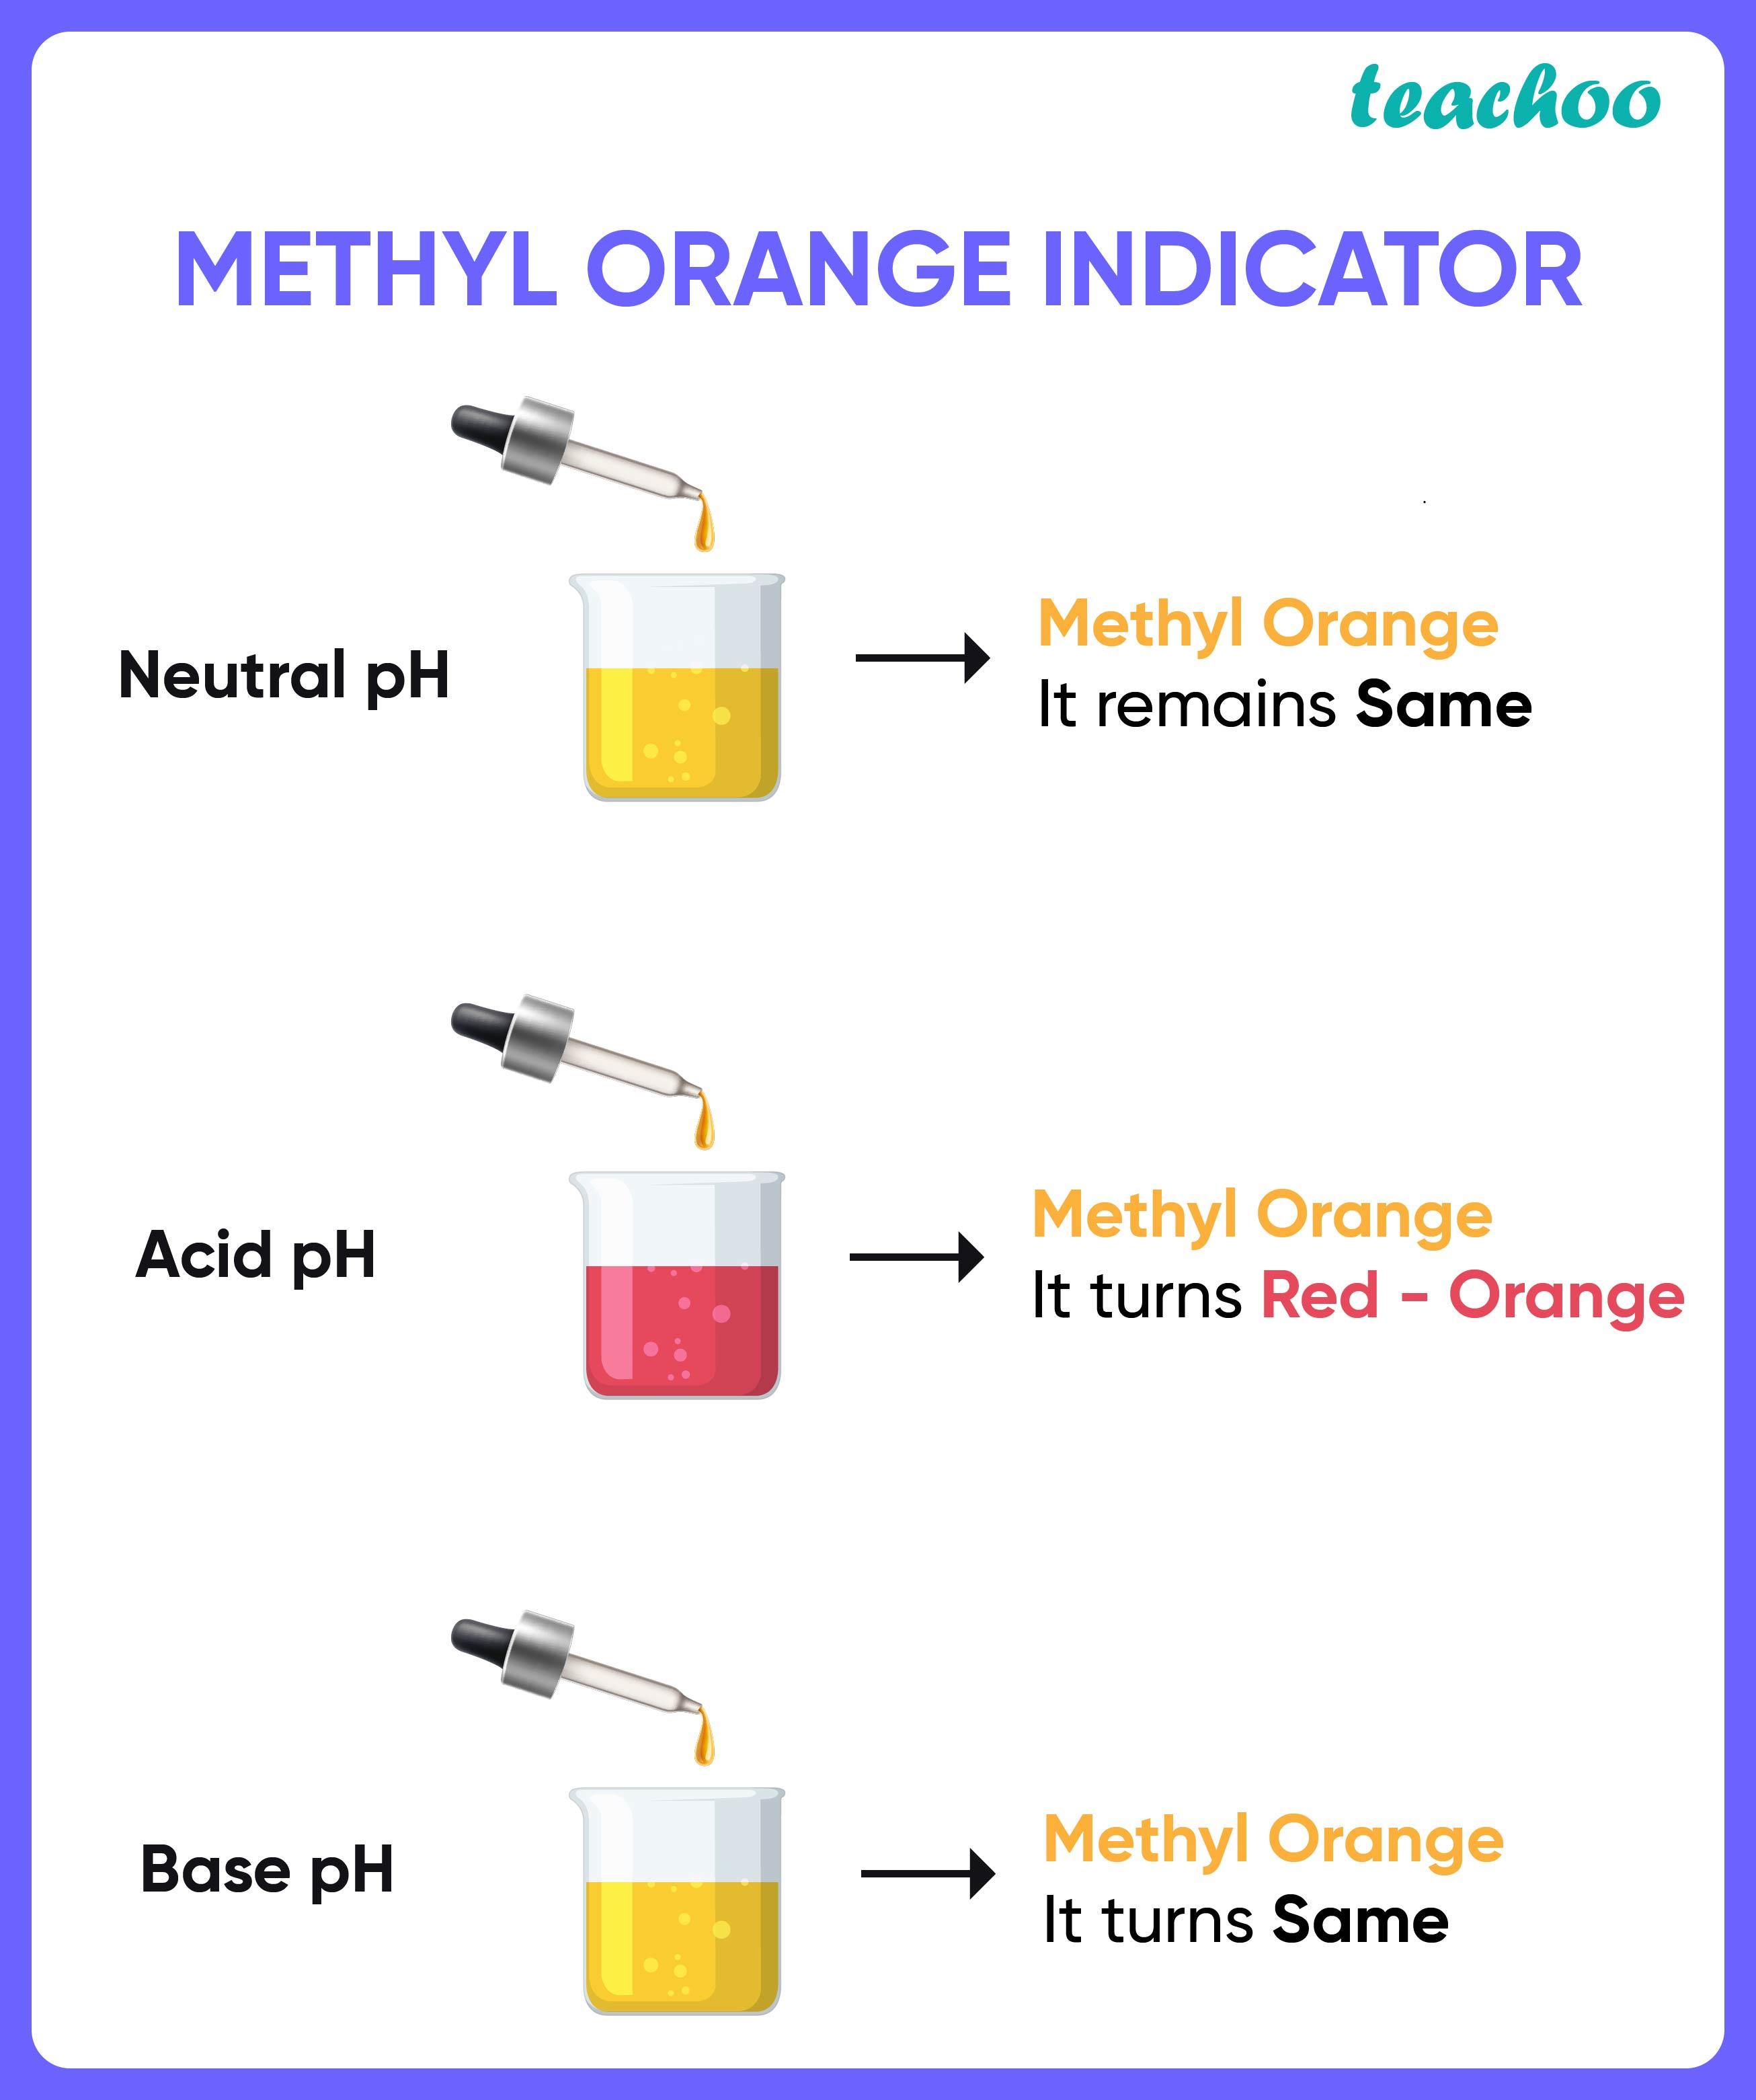 Methyl Orange Indicator-Teachoo.jpg